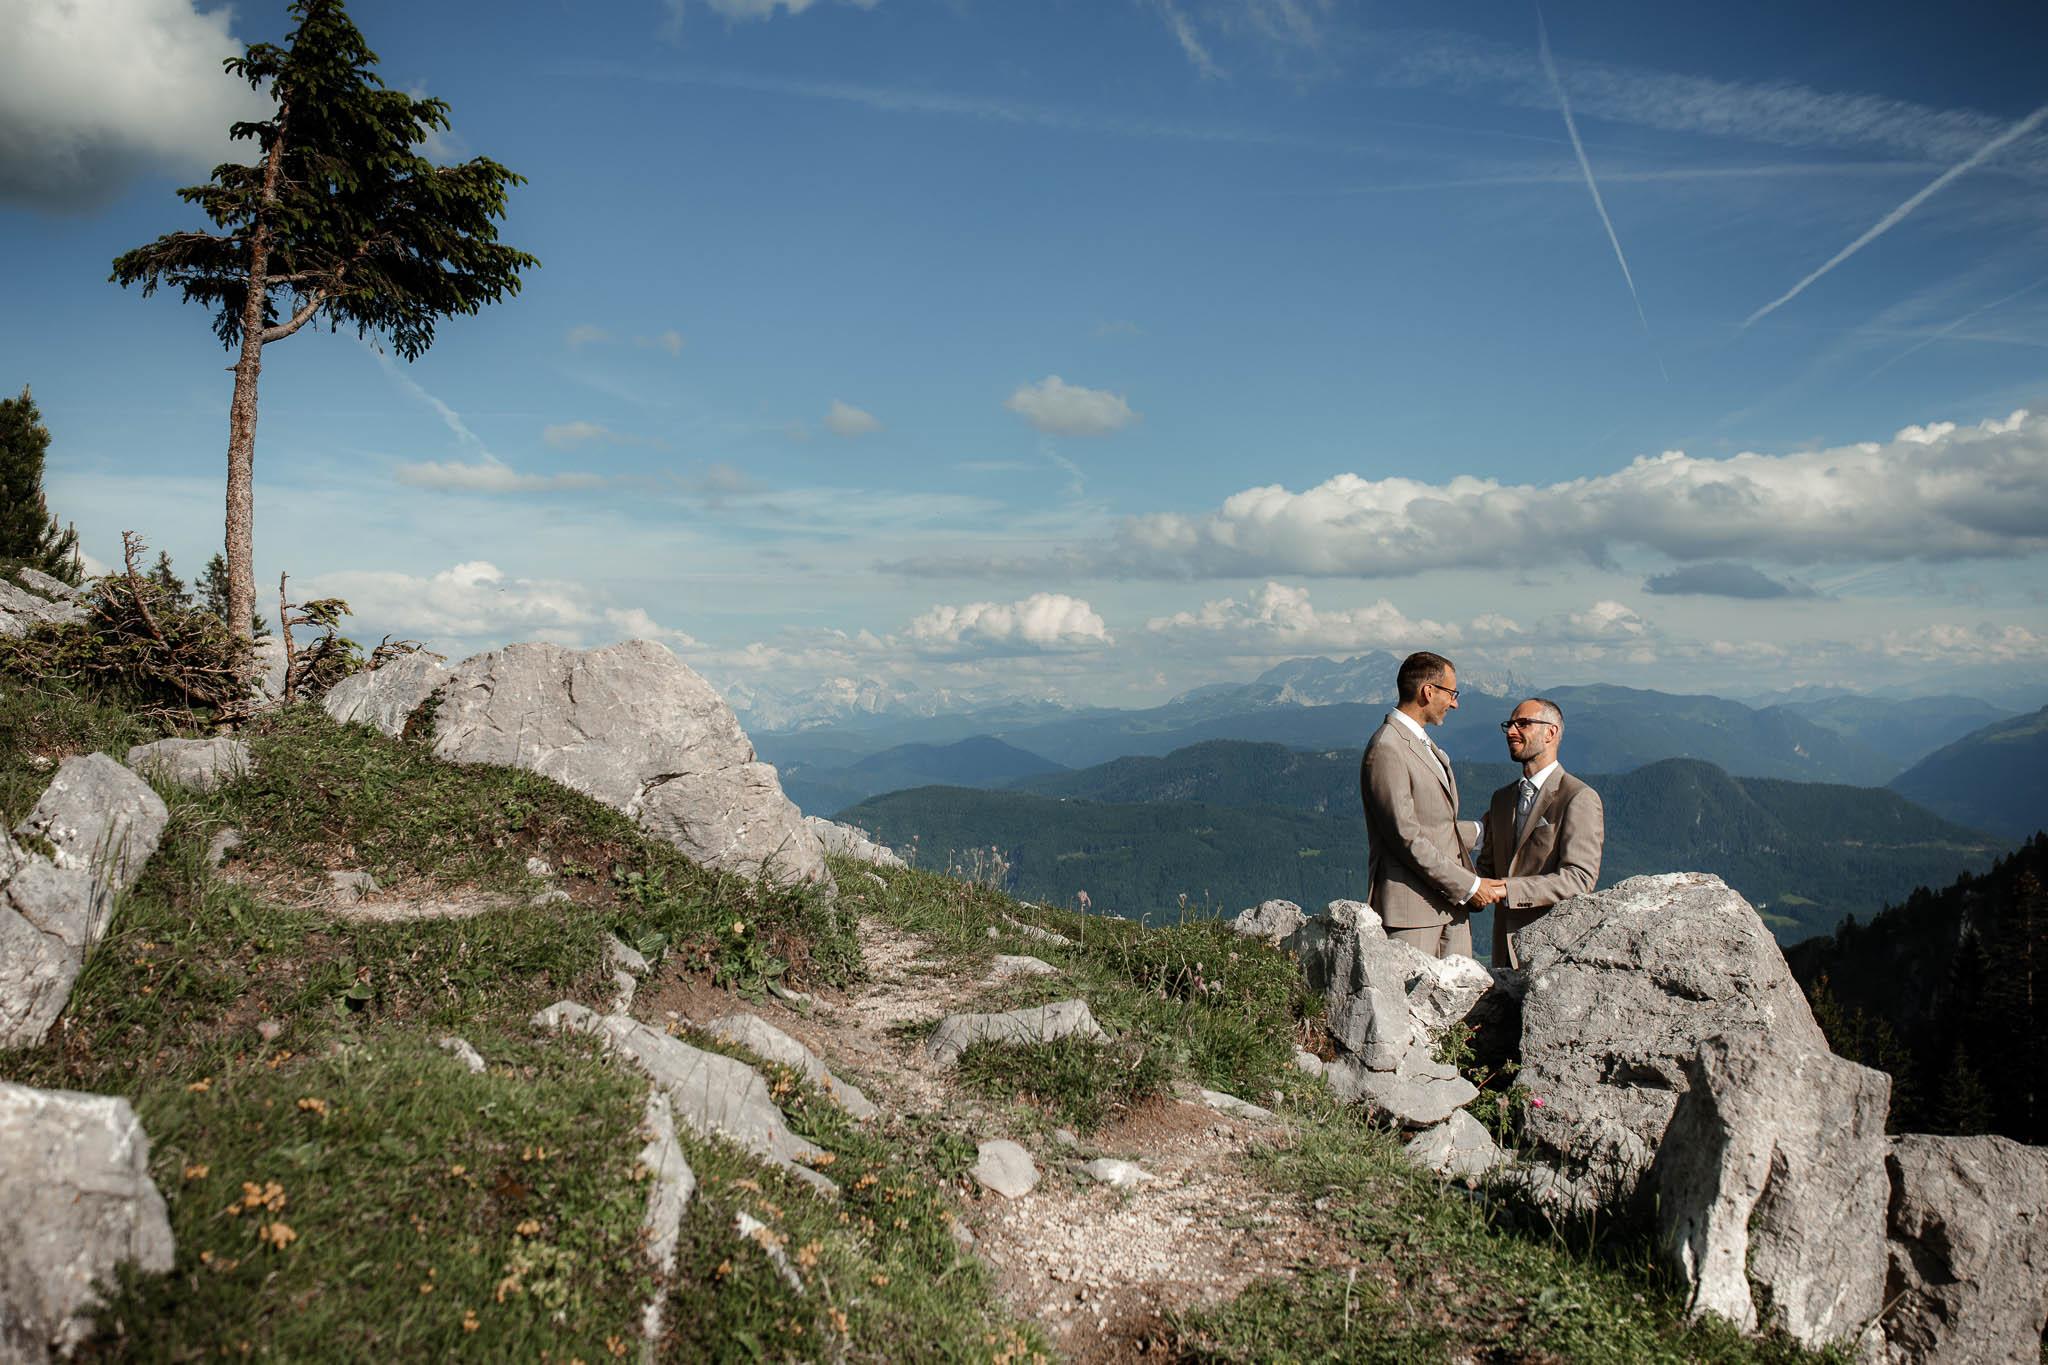 Hochzeitsfotograf Alpen, Chiemgau: freie Trauung von Dennis & Dirk 69